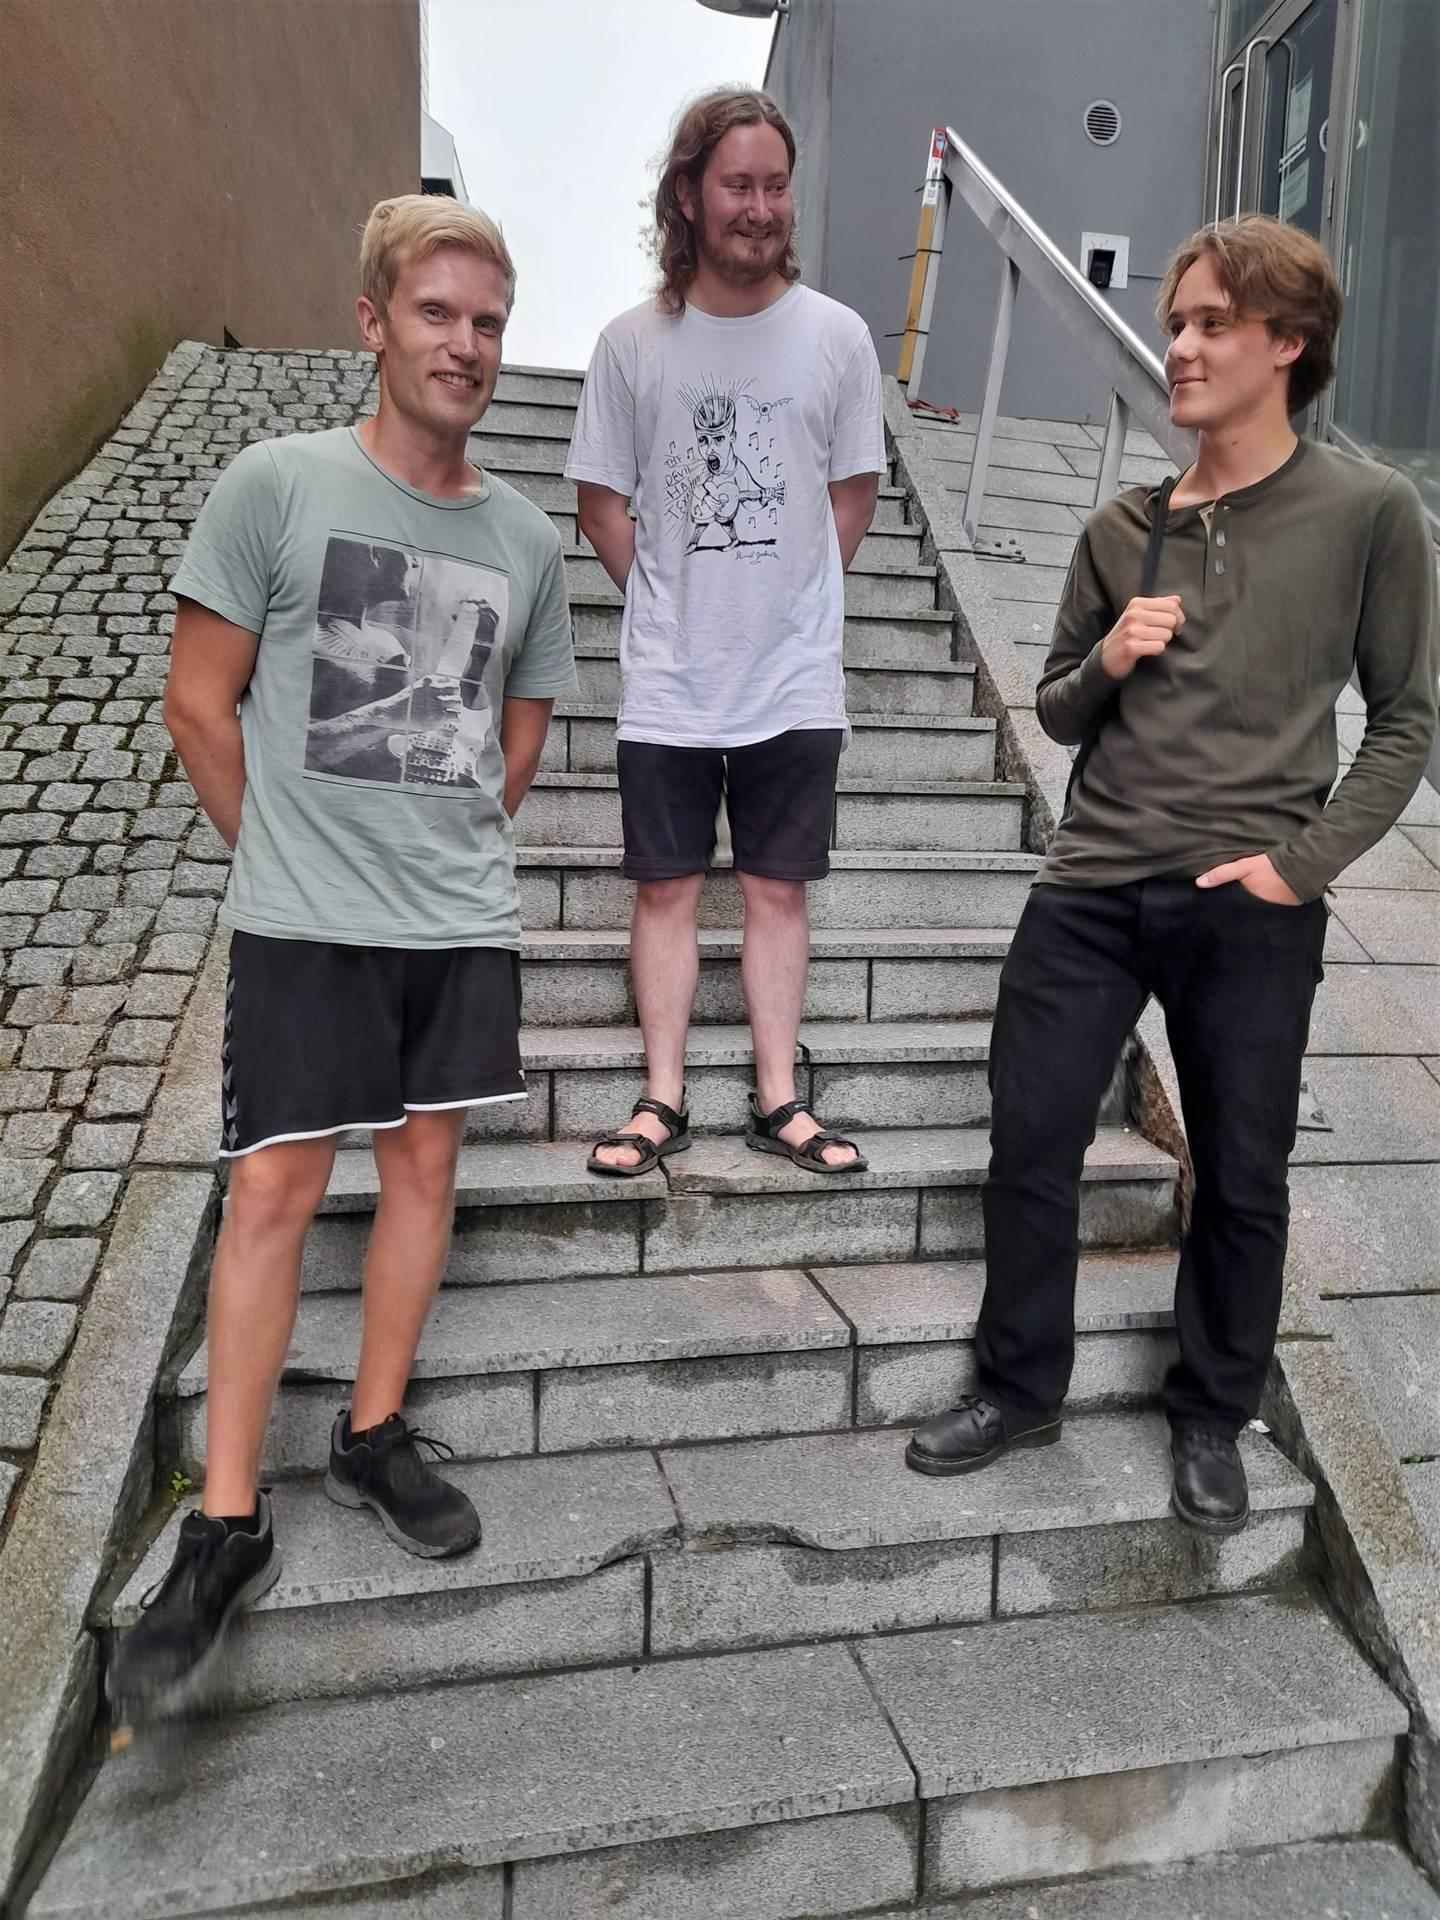 Bandet Ed, Edd og Eddy i trappa ved kinoen i Fredrikstad